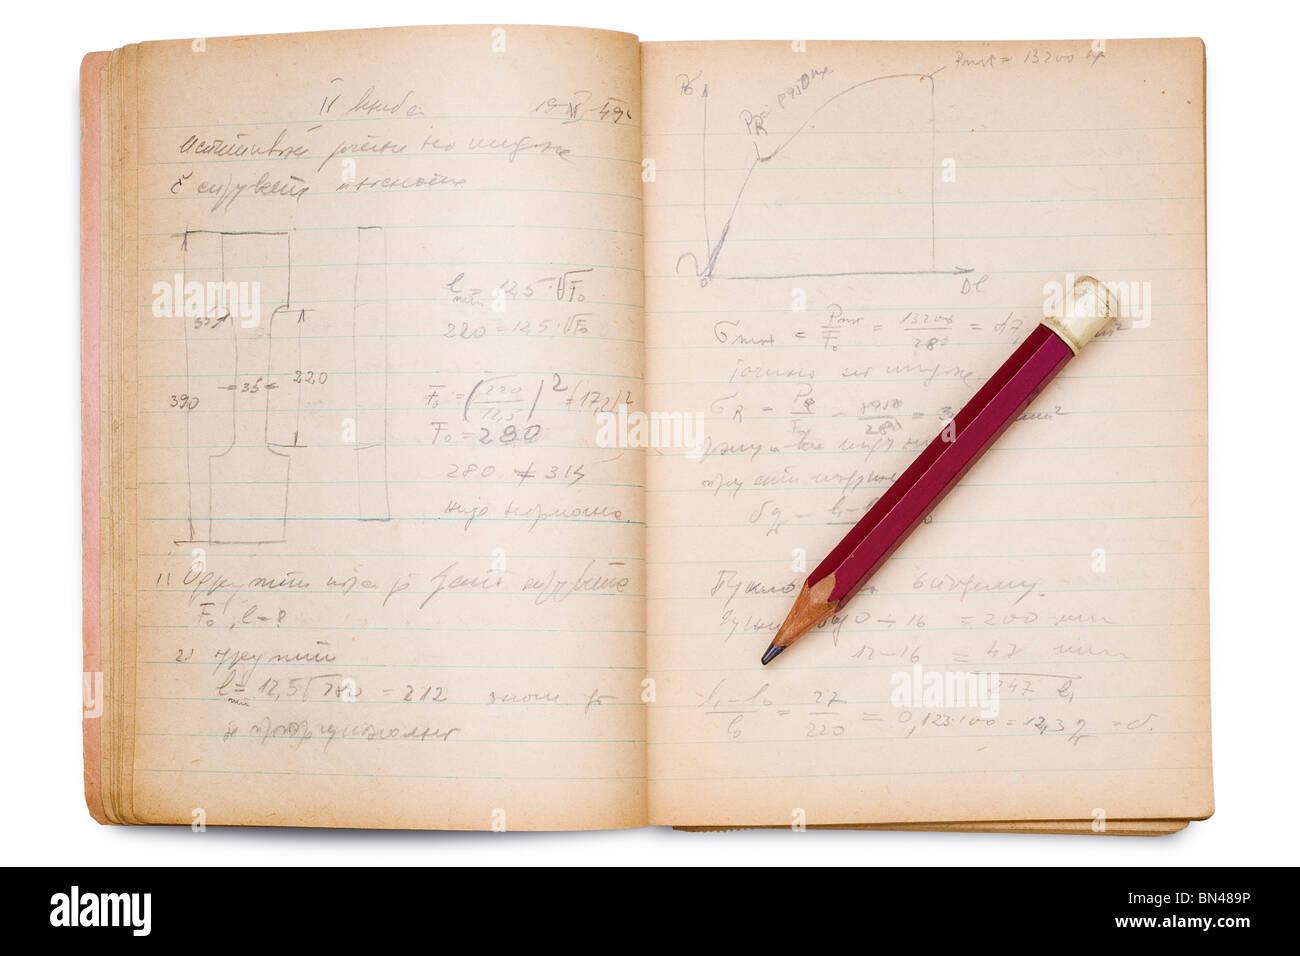 Un open math notebook su bianco con una matita su di esso Immagini Stock